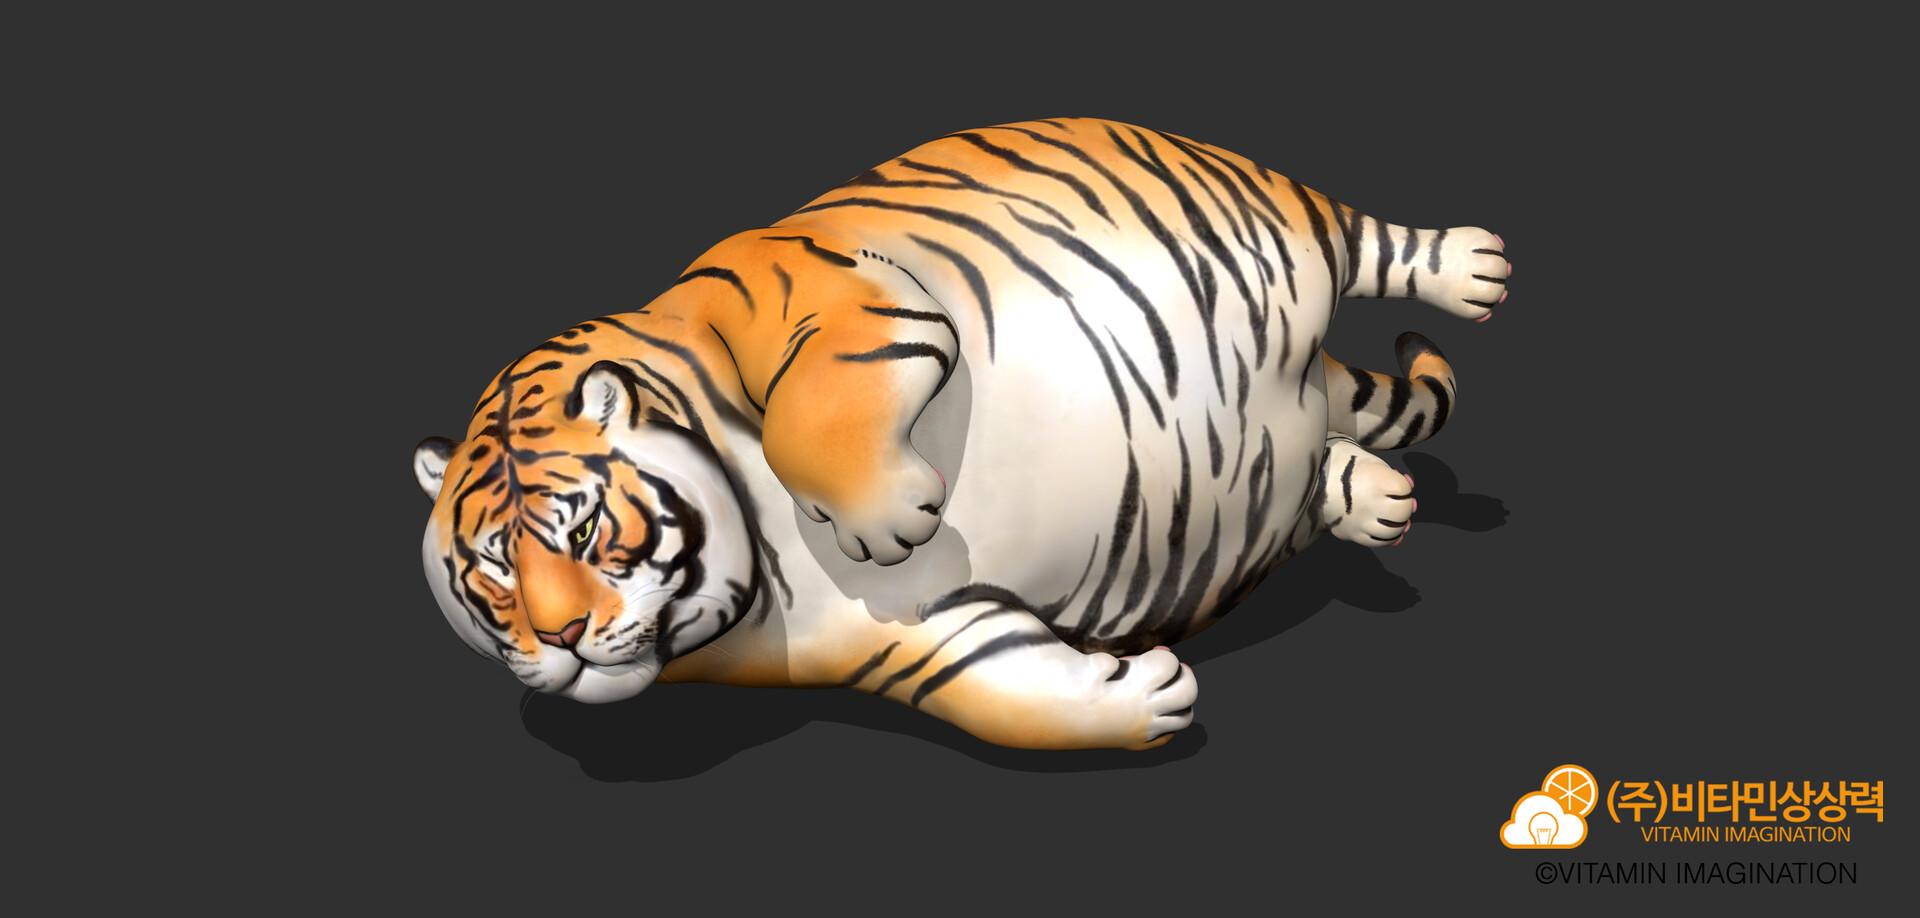 Vitamin Imagination Fatiger Fat Tiger